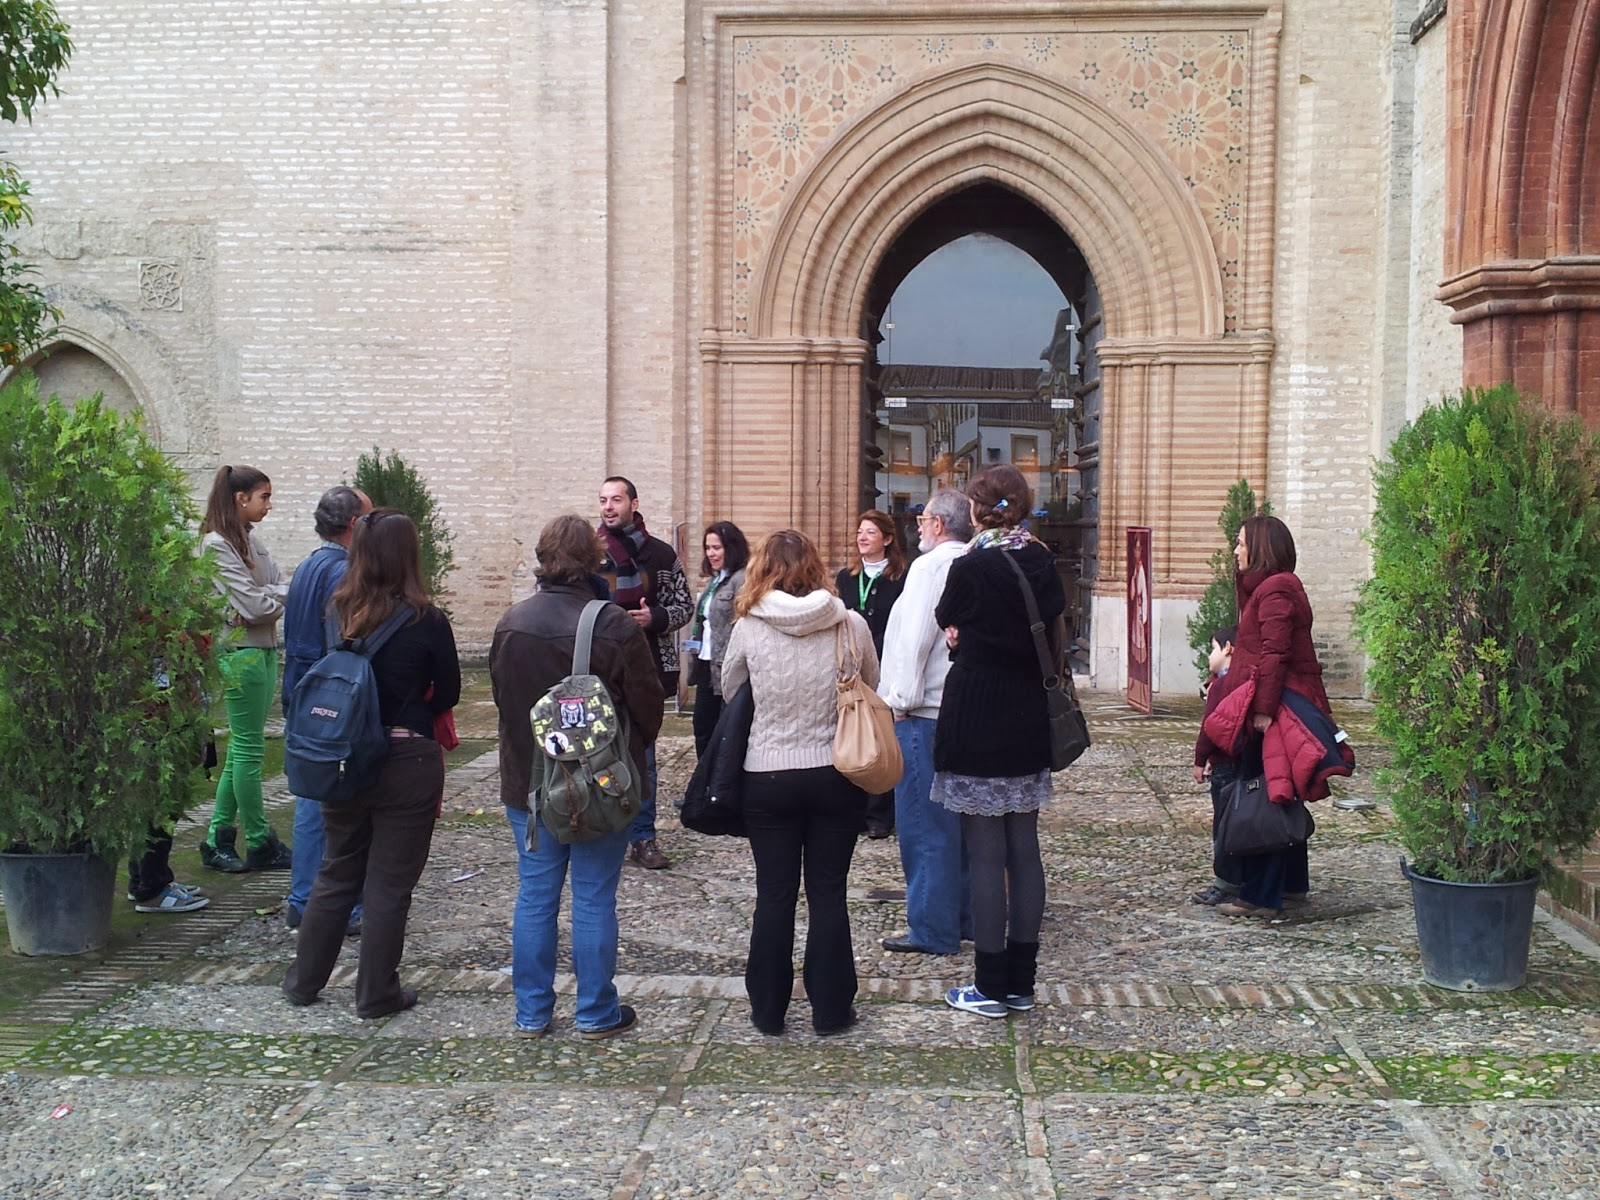 Imagen de la visita al Enclave Monumental San Isidoro del Campo